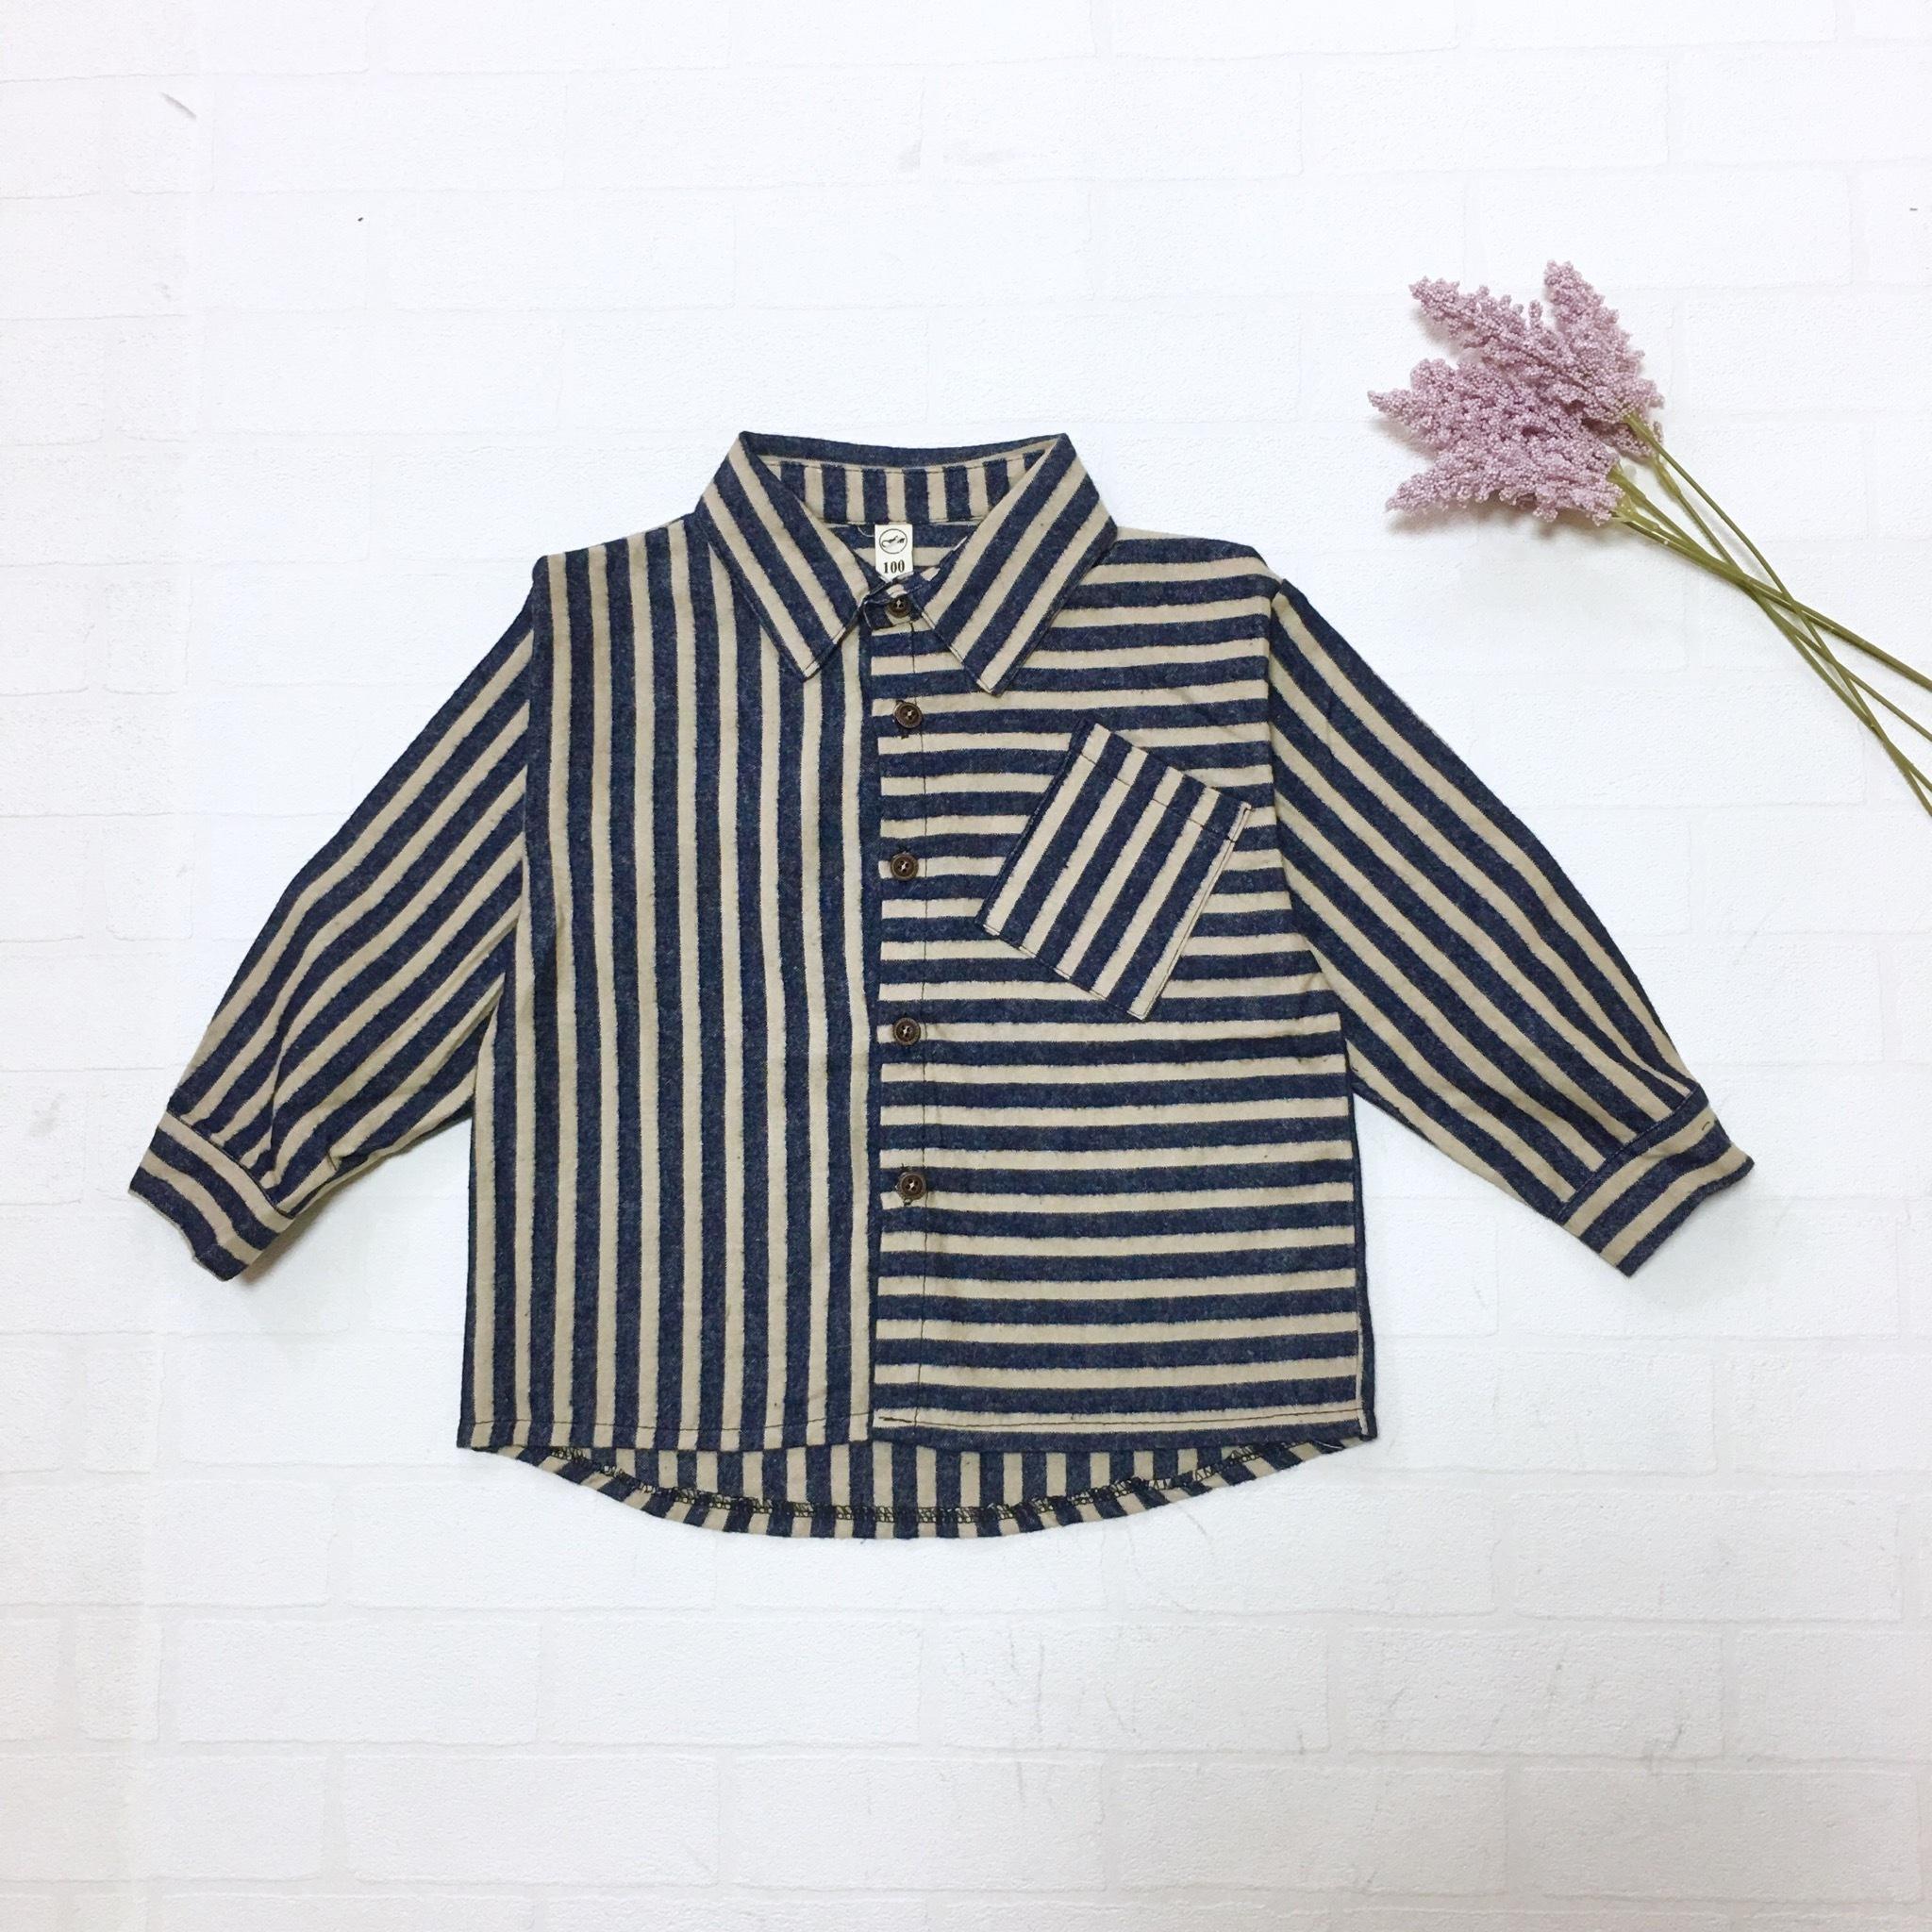 マルチストライプネルシャツ【T096】